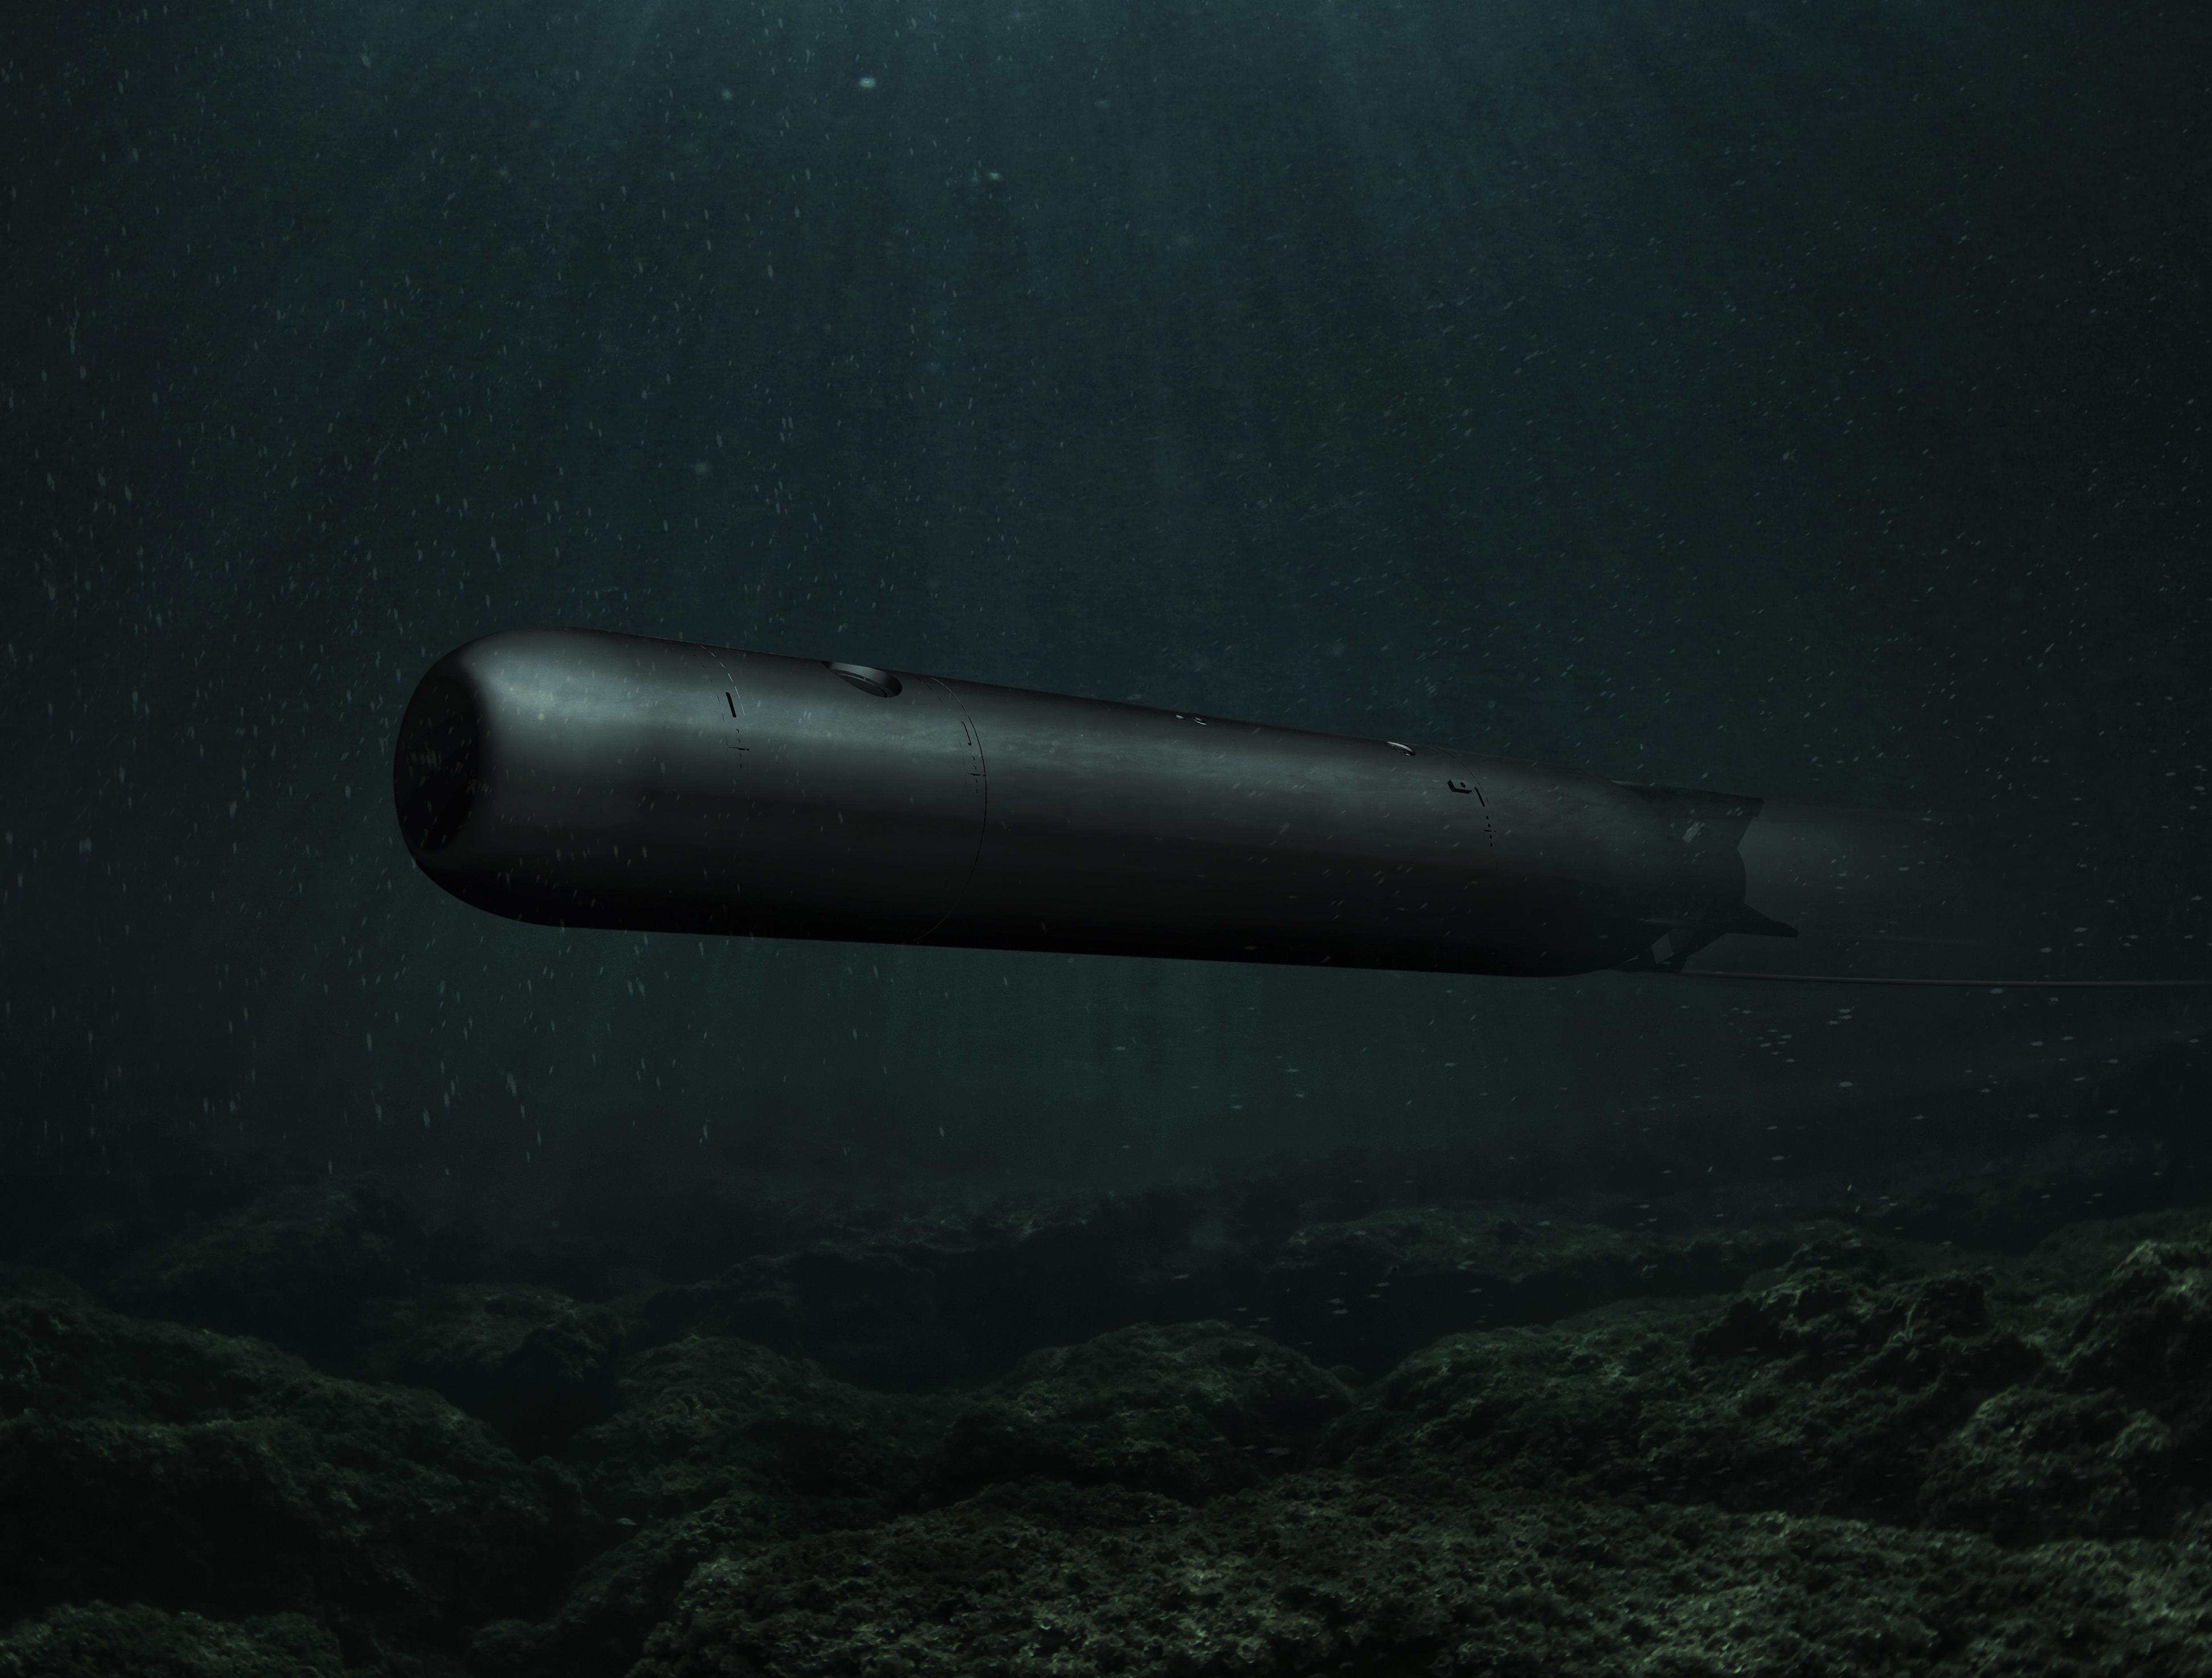 Lightweight torpedo - image 2.jpg